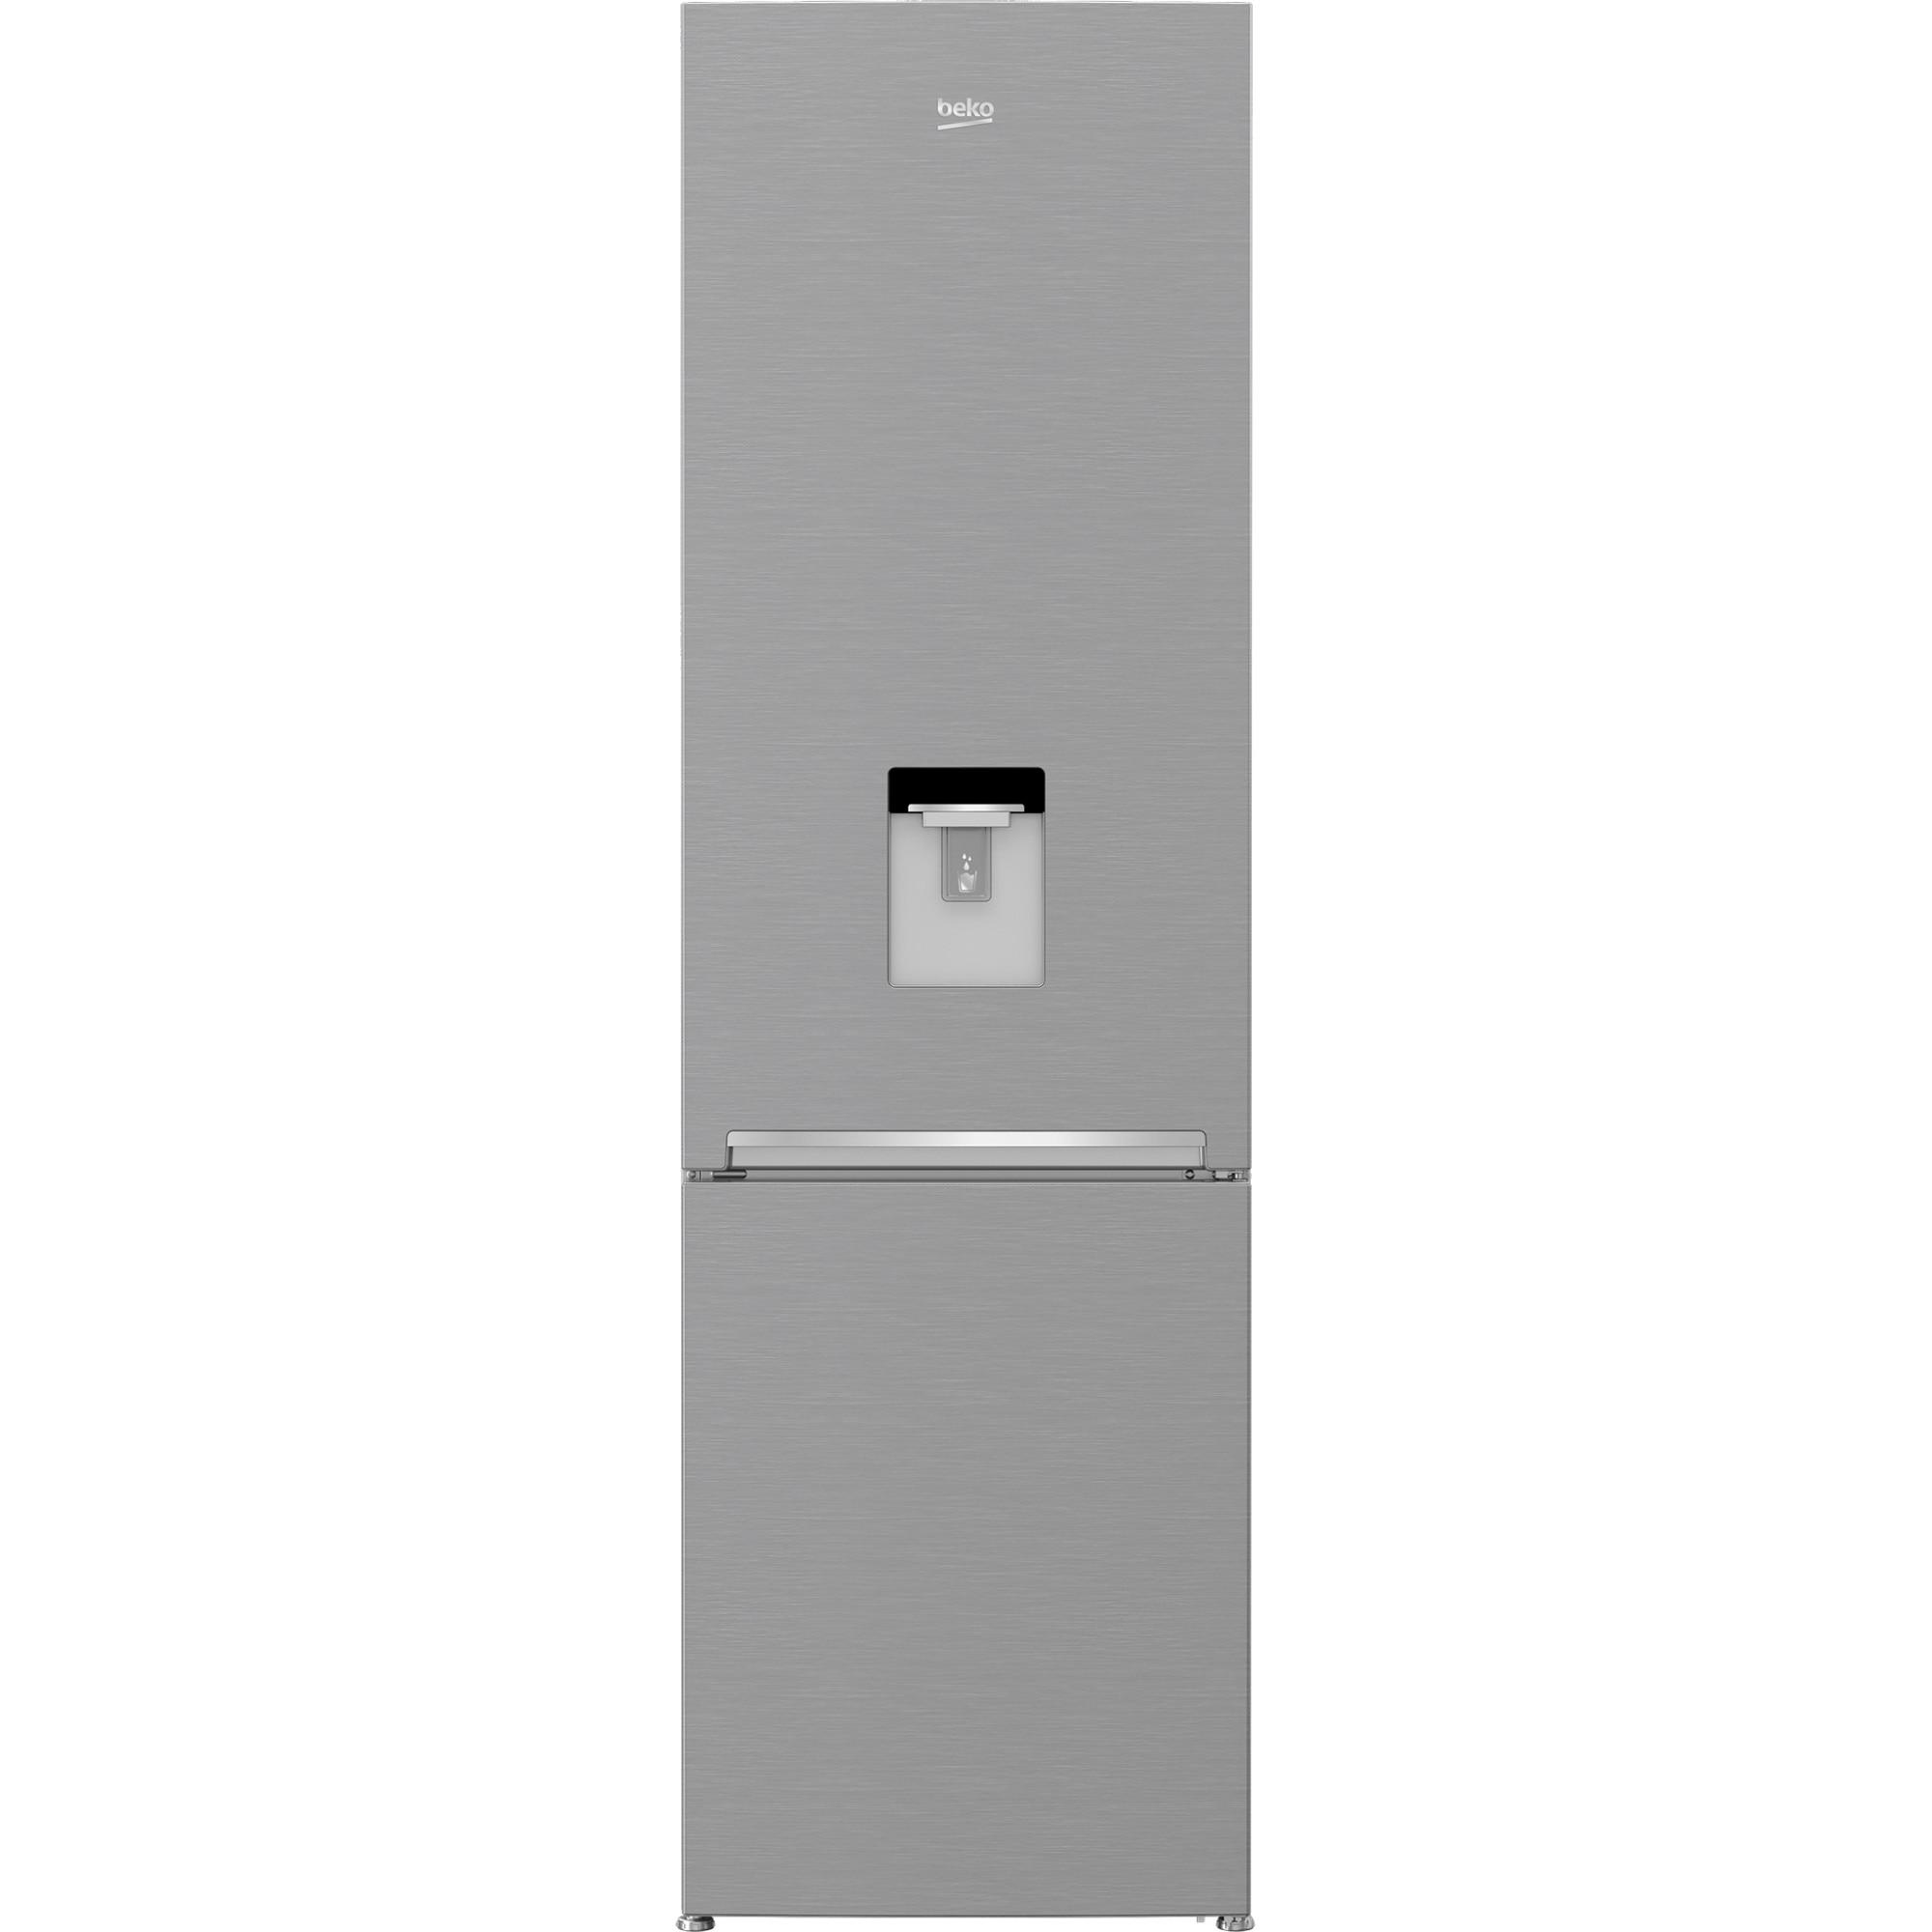 Fotografie Combina frigorifica Beko RCSA406K40DXBN, 386 l, Clasa E, Dozator apa, H 202.5 cm, Argintiu